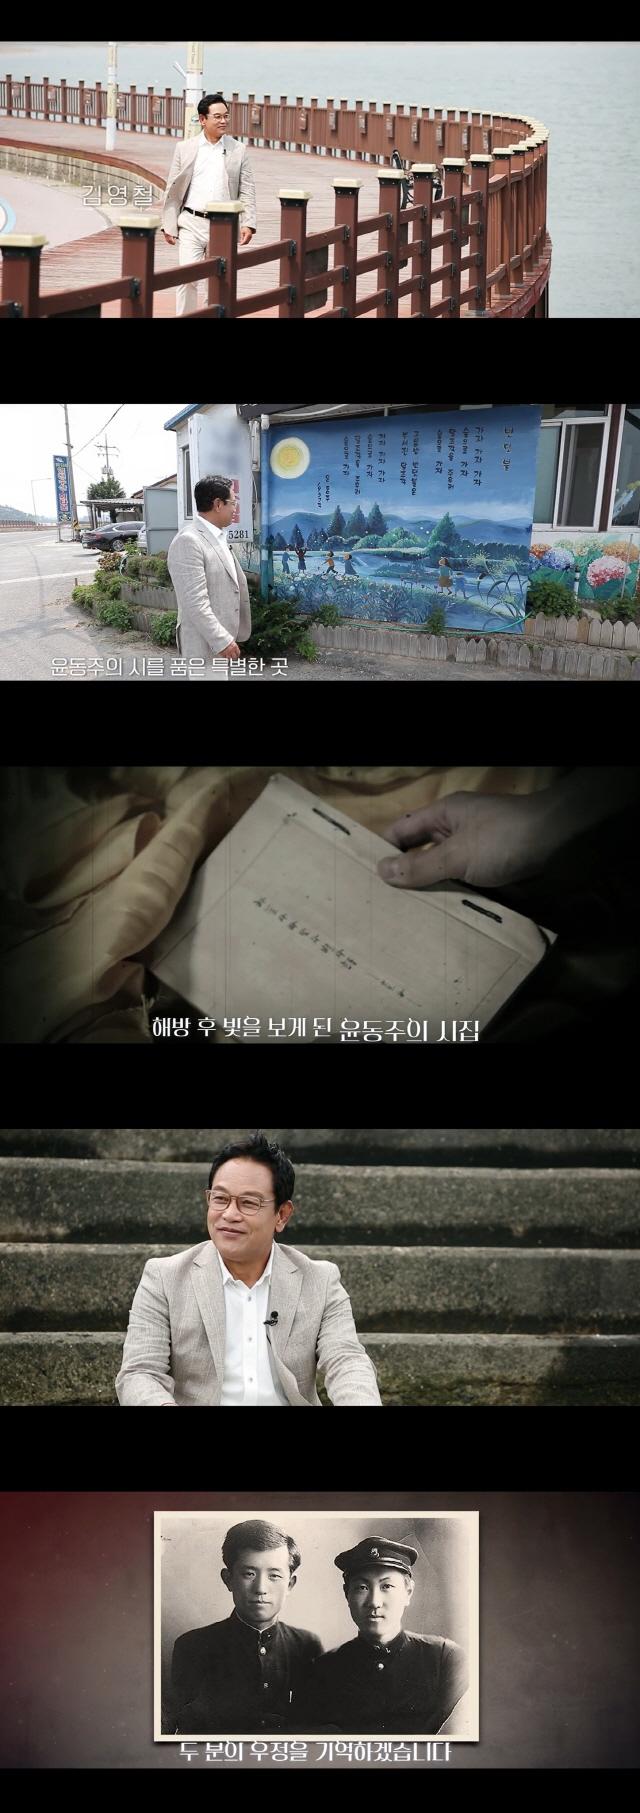 '별 헤는 밤' 국민배우 김영철, 윤동주 기억 따라 광양 찾았다